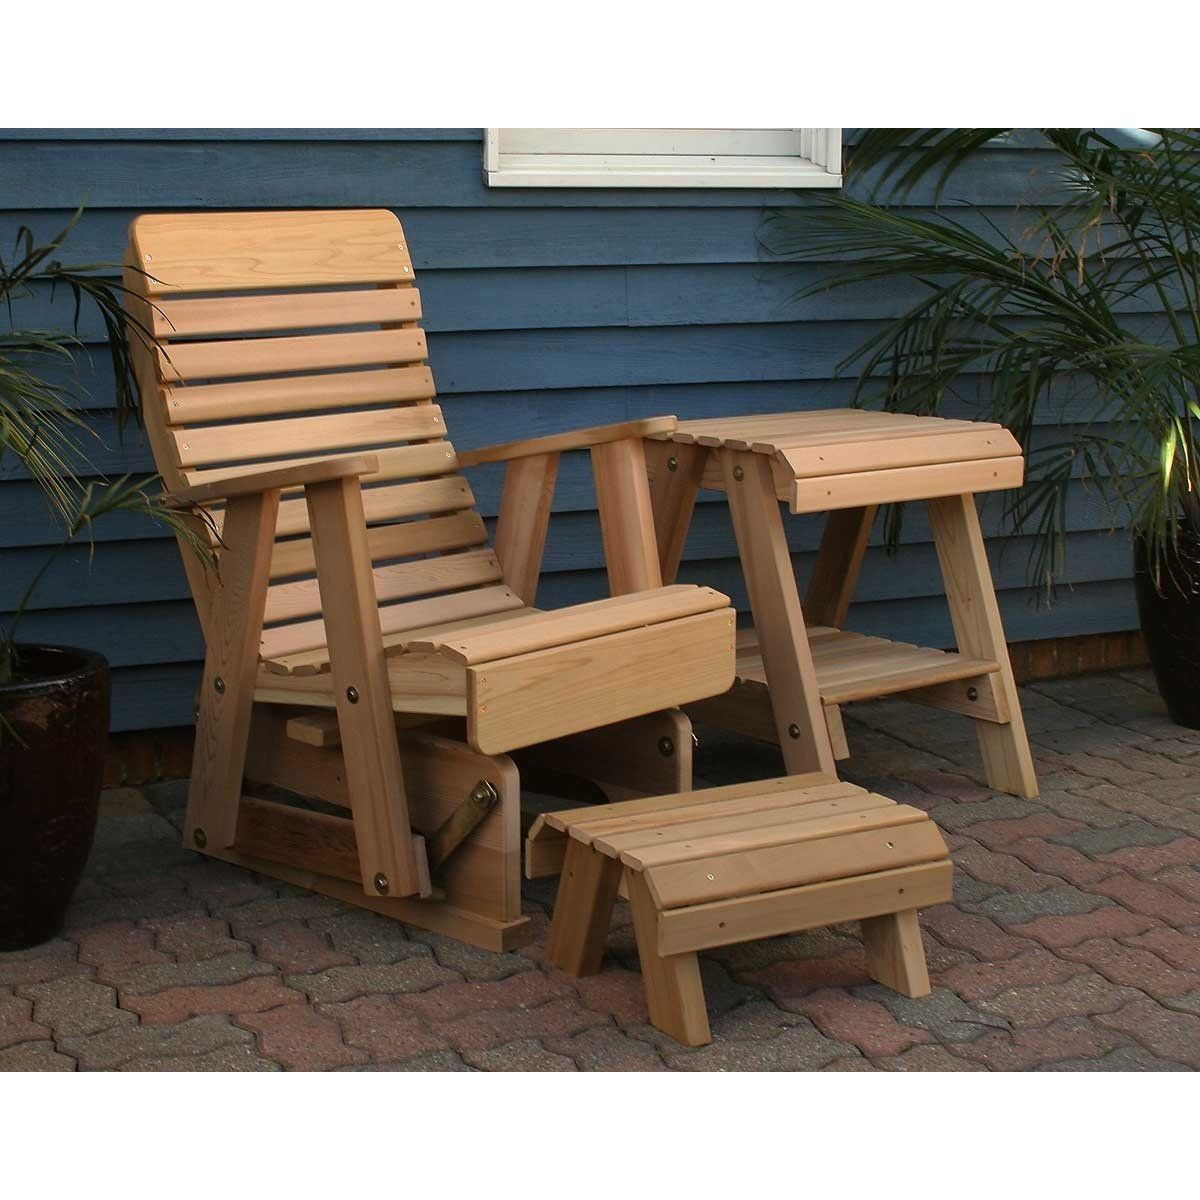 Creekvine Designs Rocking Glider Chair Set Diy outdoor